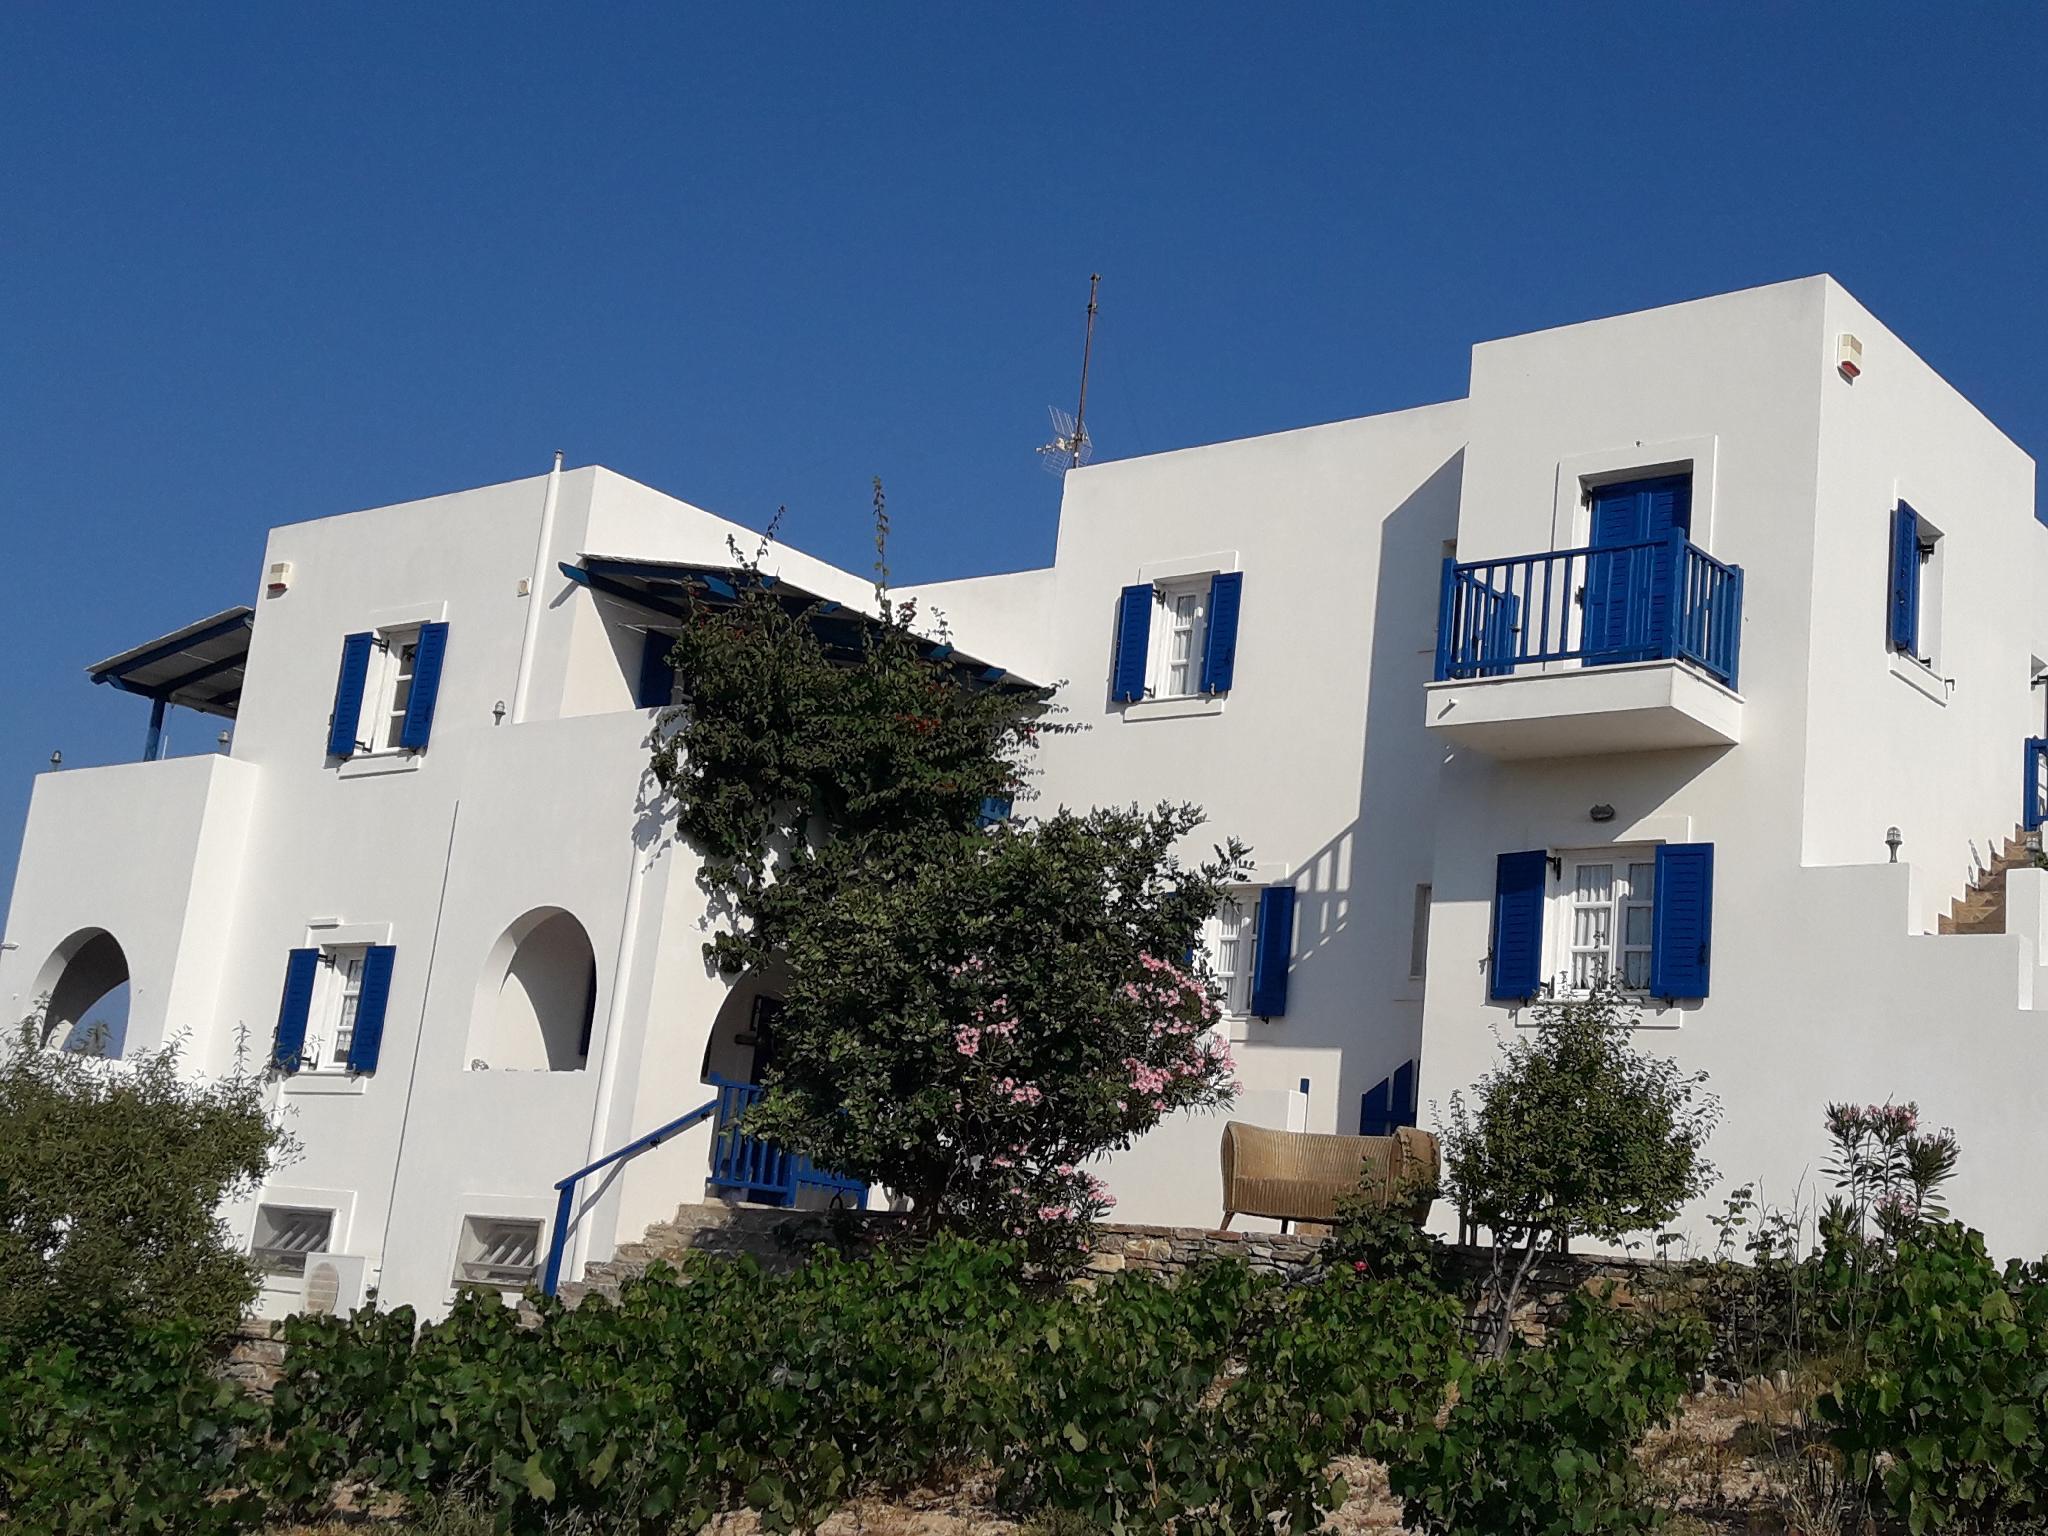 Fontana Apartments